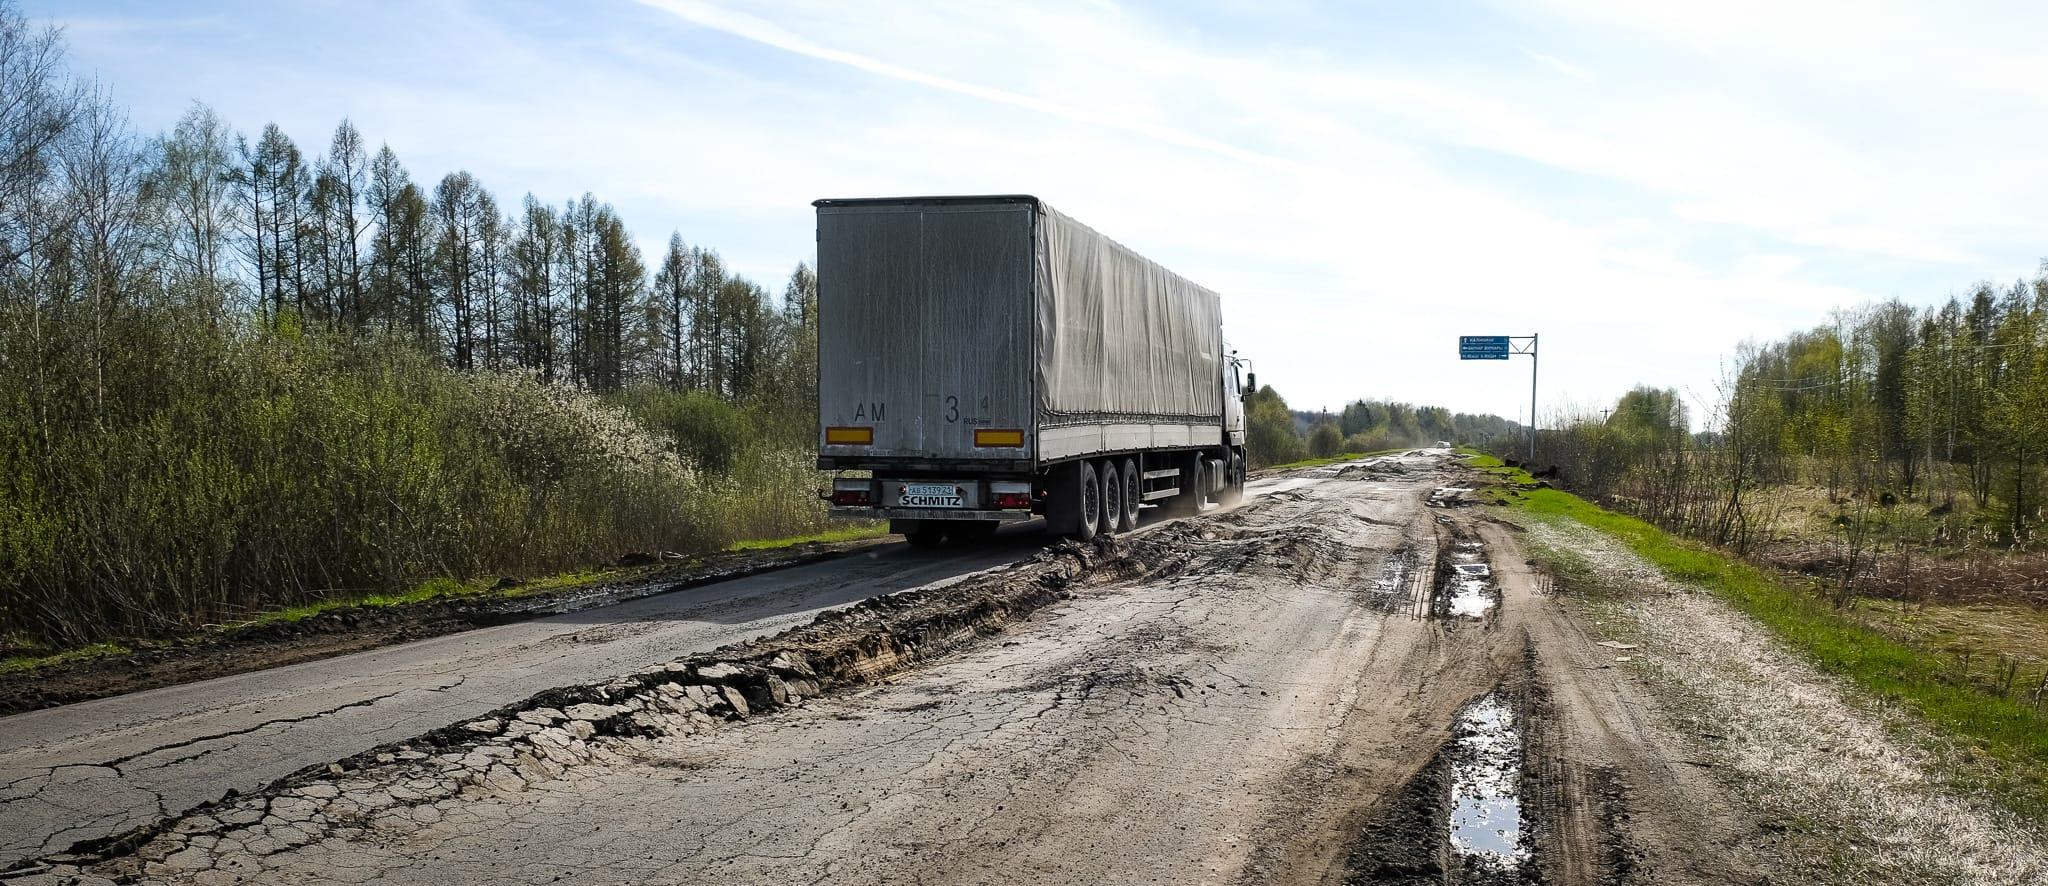 калинино вурнары состояние дороги